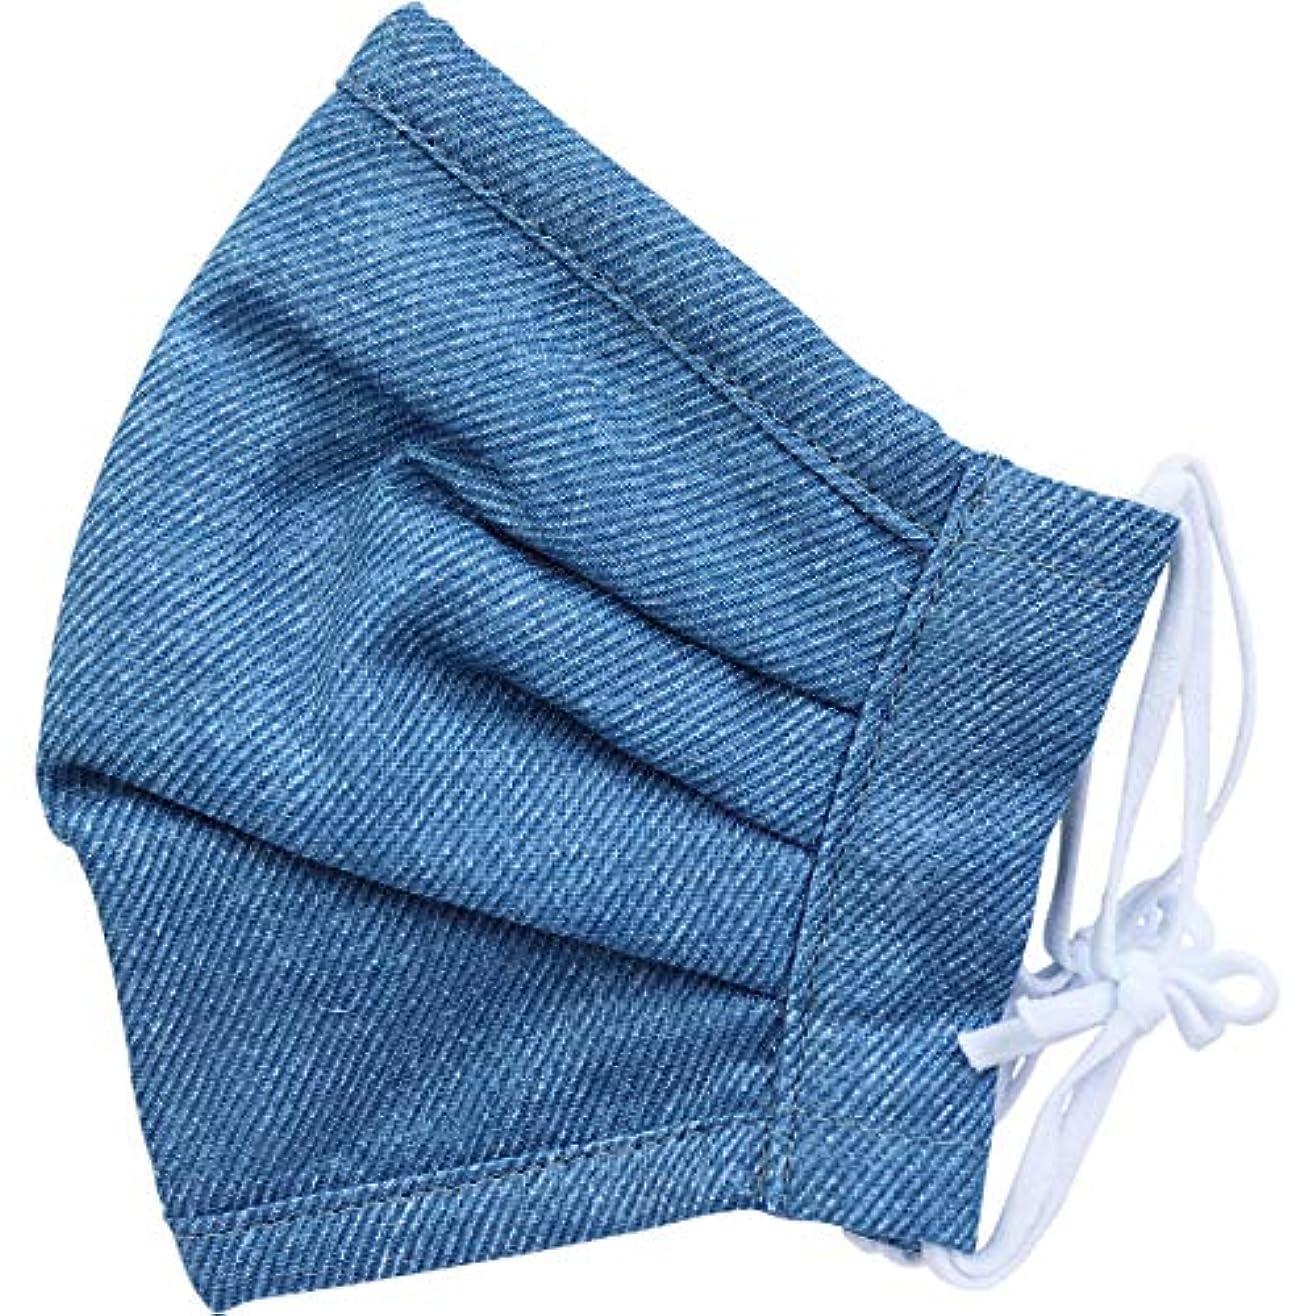 補充やりがいのある策定するさらふわマスクダイヤドビー 敏感肌用 デニムブルー 少し大きめサイズ 1枚入×5個セット